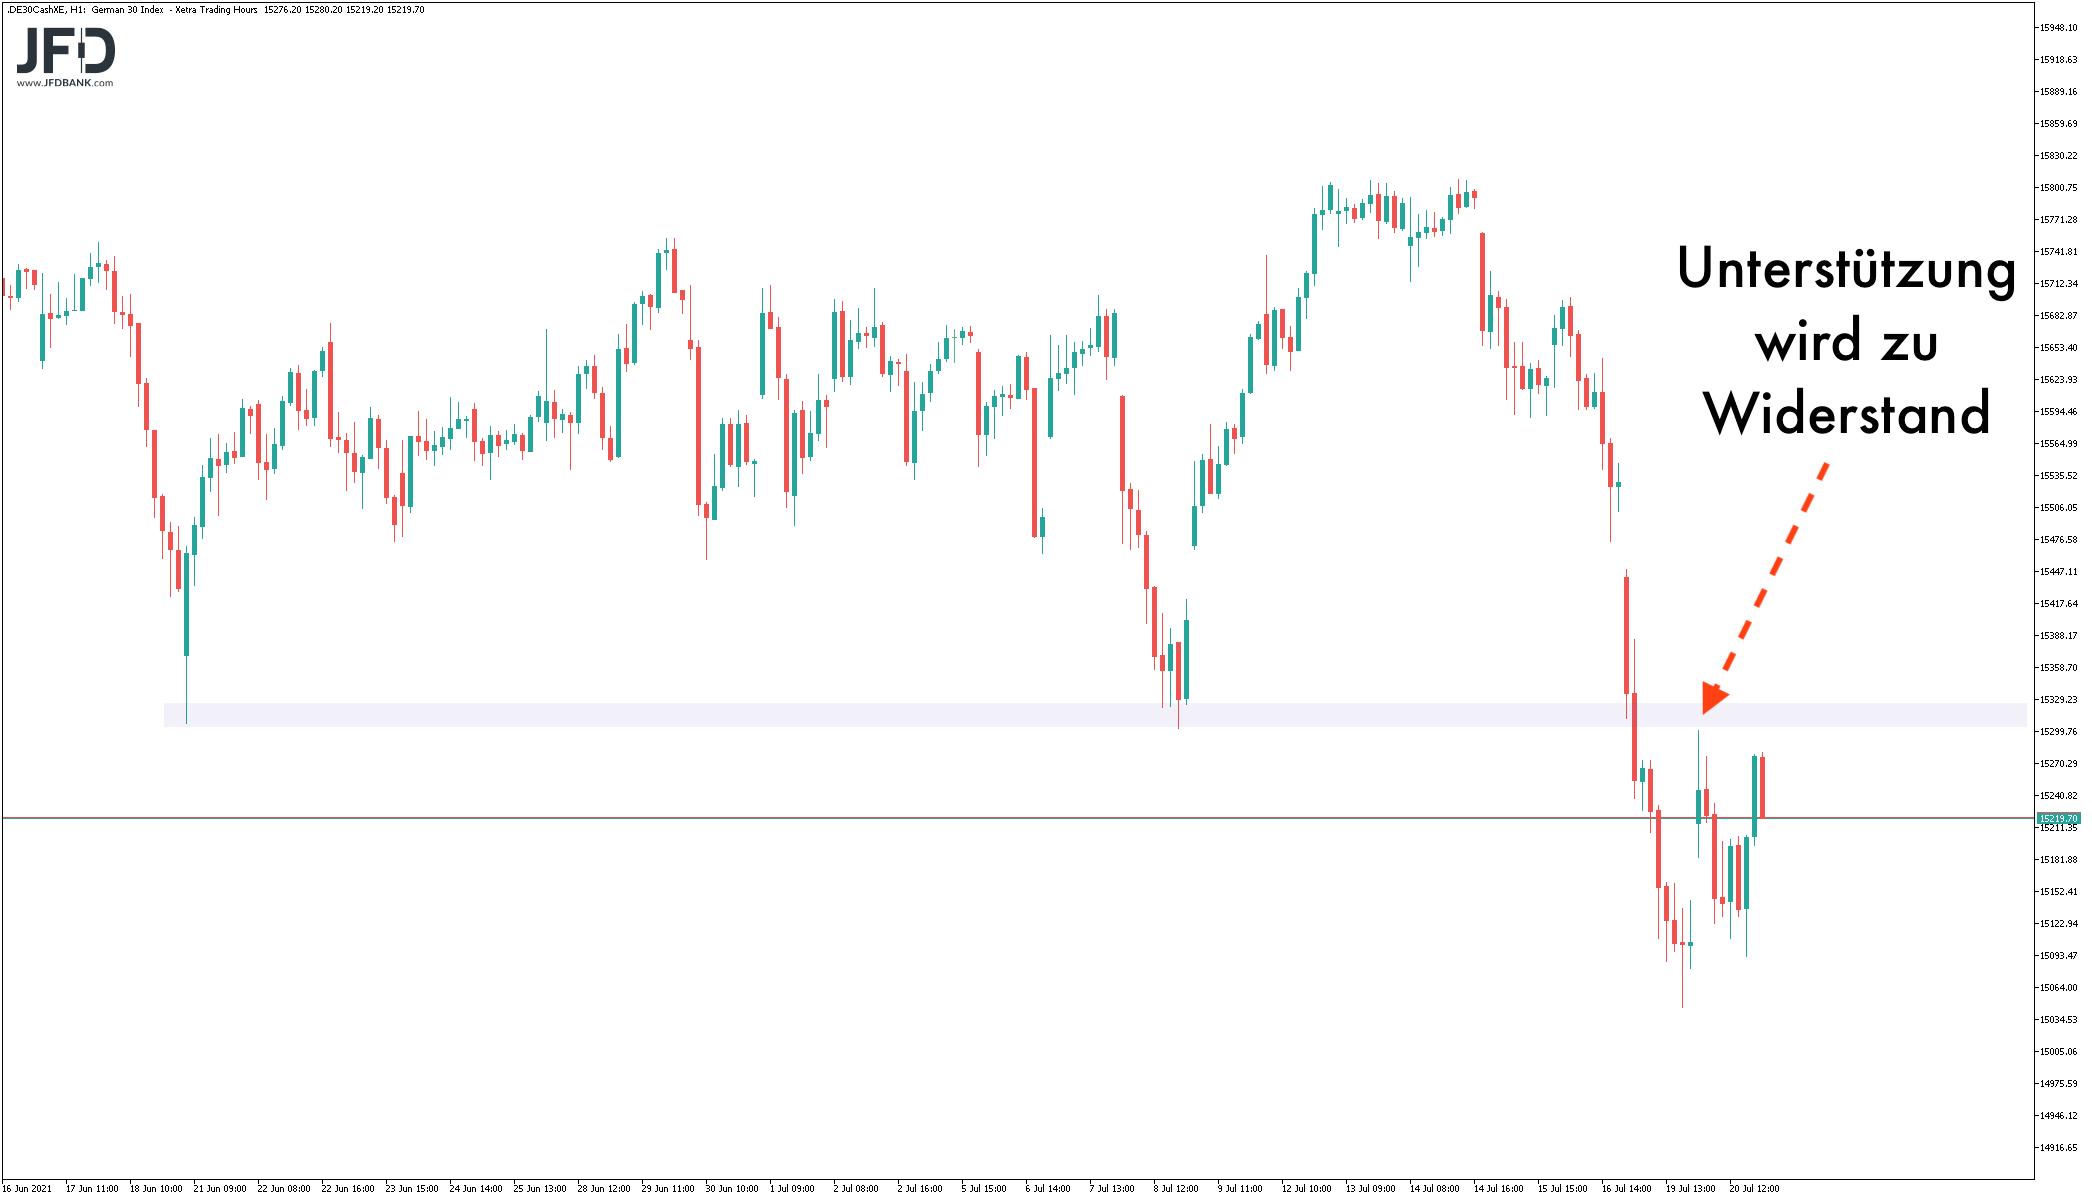 EZB-Sitzung-im-DAX-voraus-Auf-diese-Marken-achten-Trader-Kommentar-JFD-Bank-GodmodeTrader.de-1